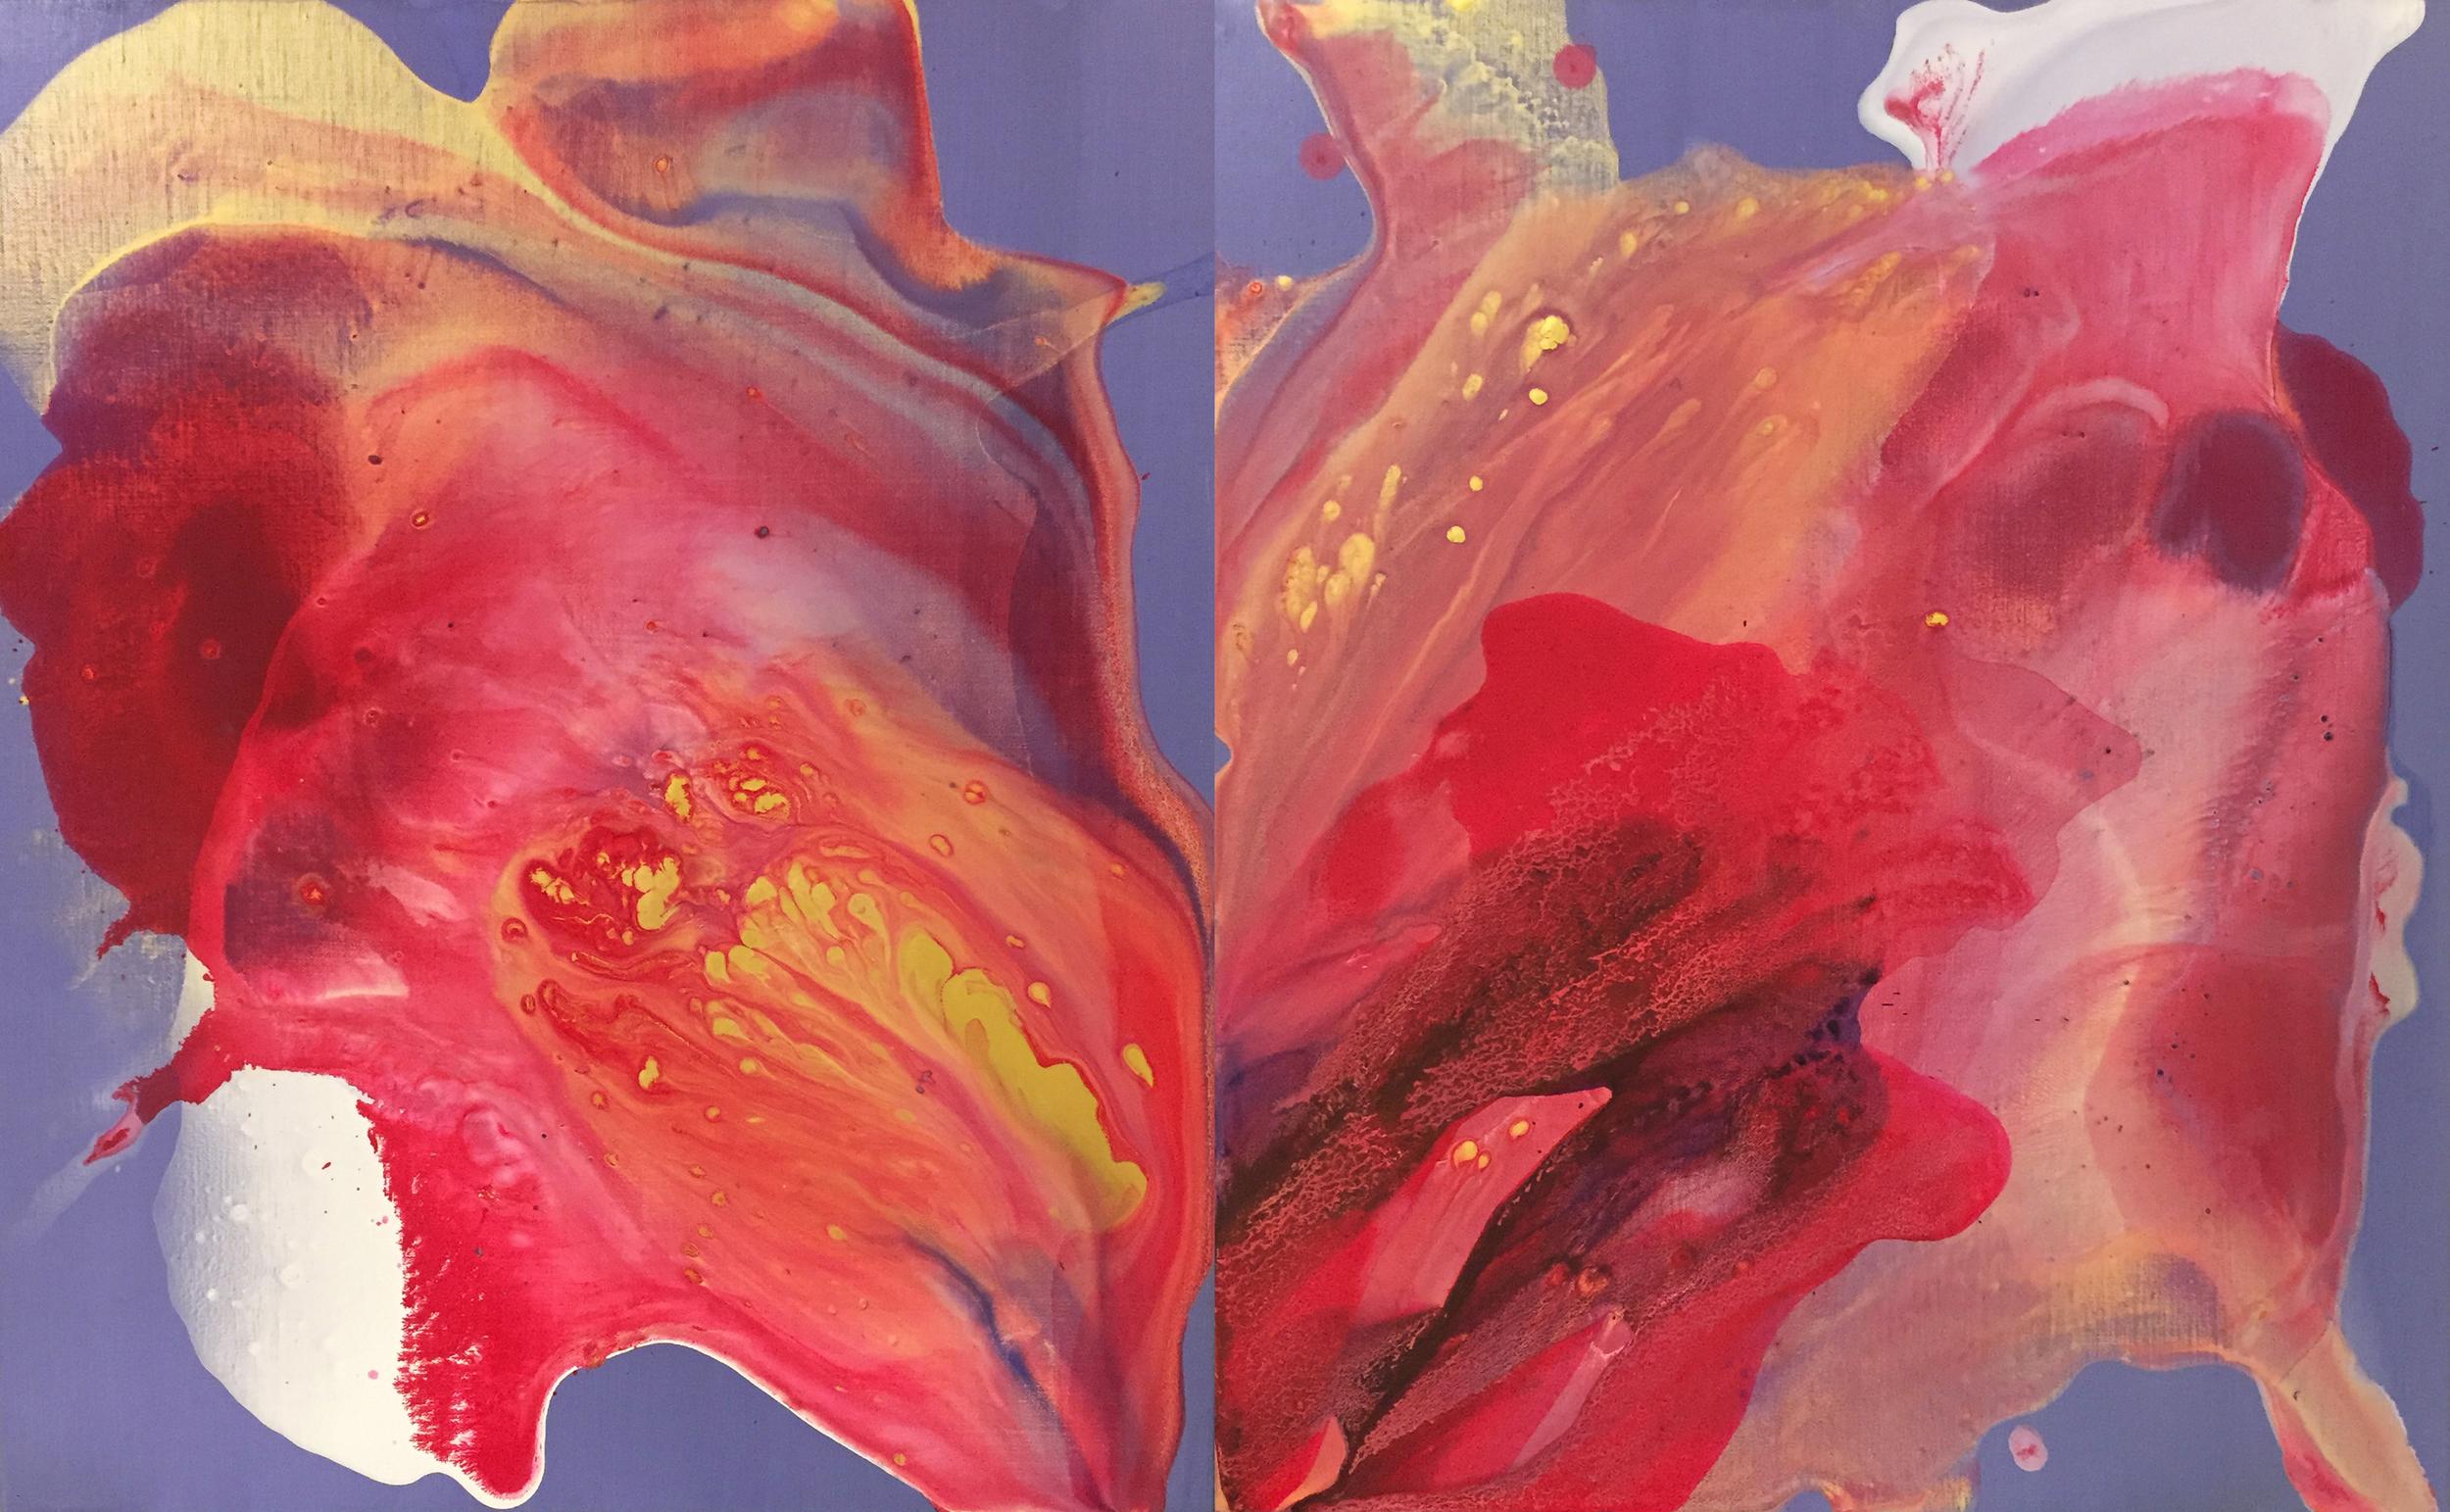 figure_10  acrylic on canvas  60.5 cm X 100 cm  2015